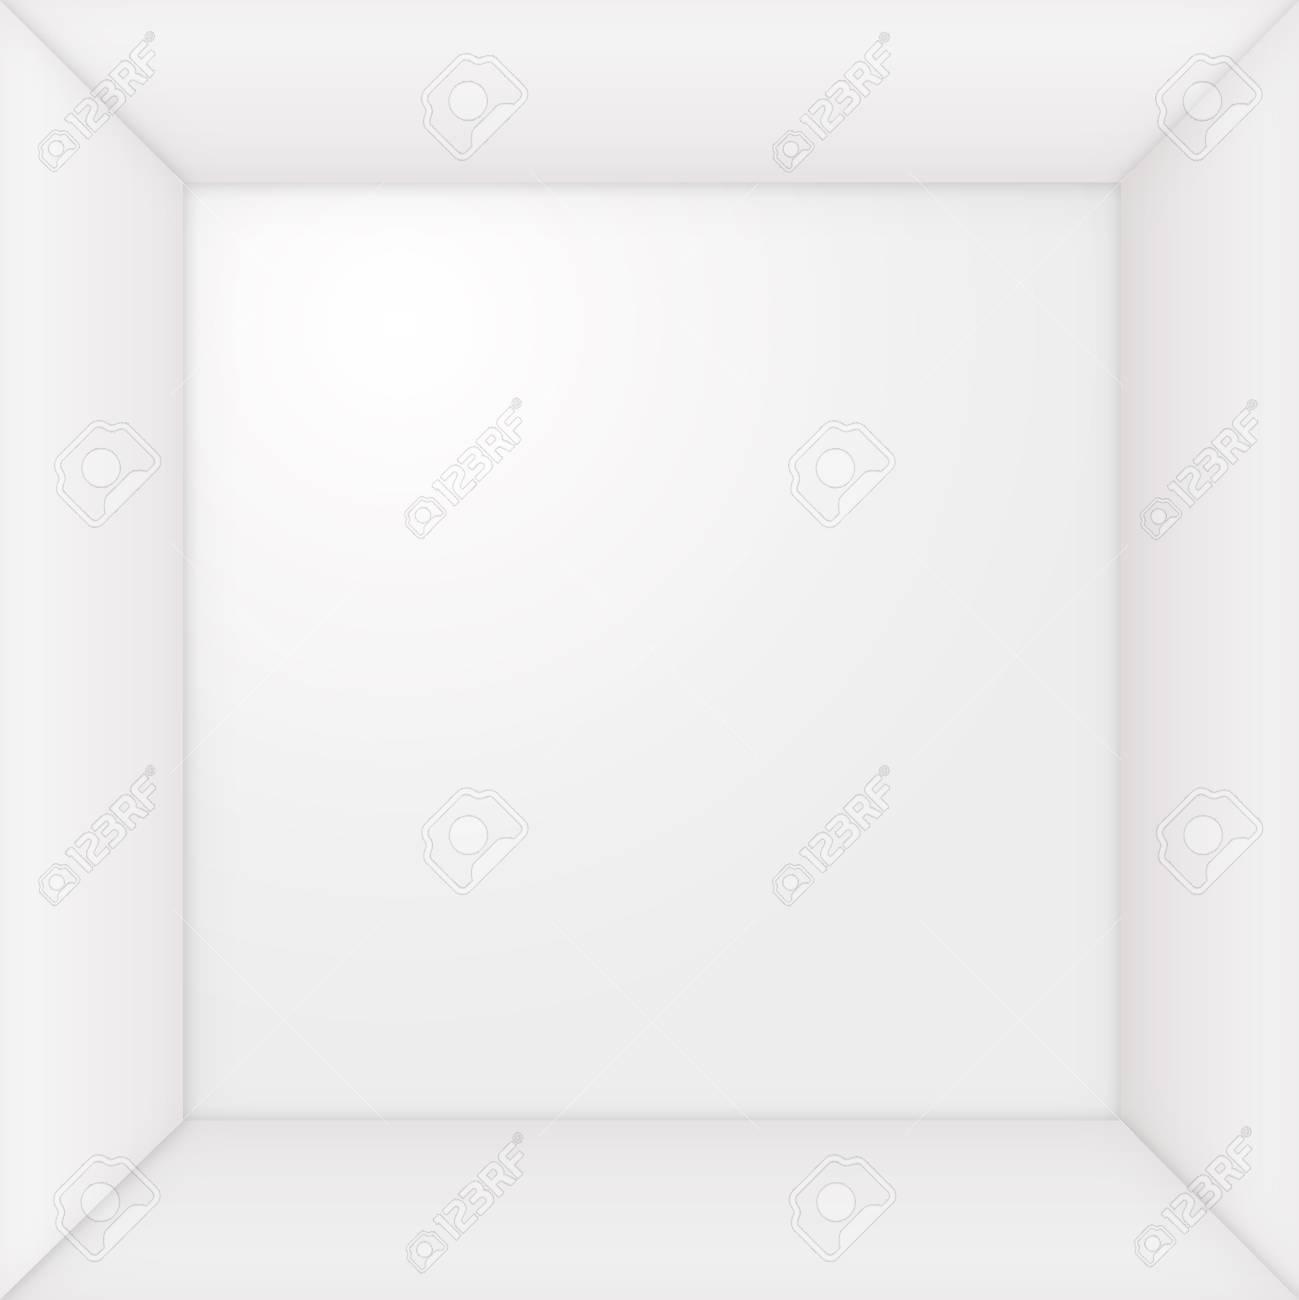 Berühmt Bilderrahmen Grenzen Vorlagen Bilder - Entry Level Resume ...